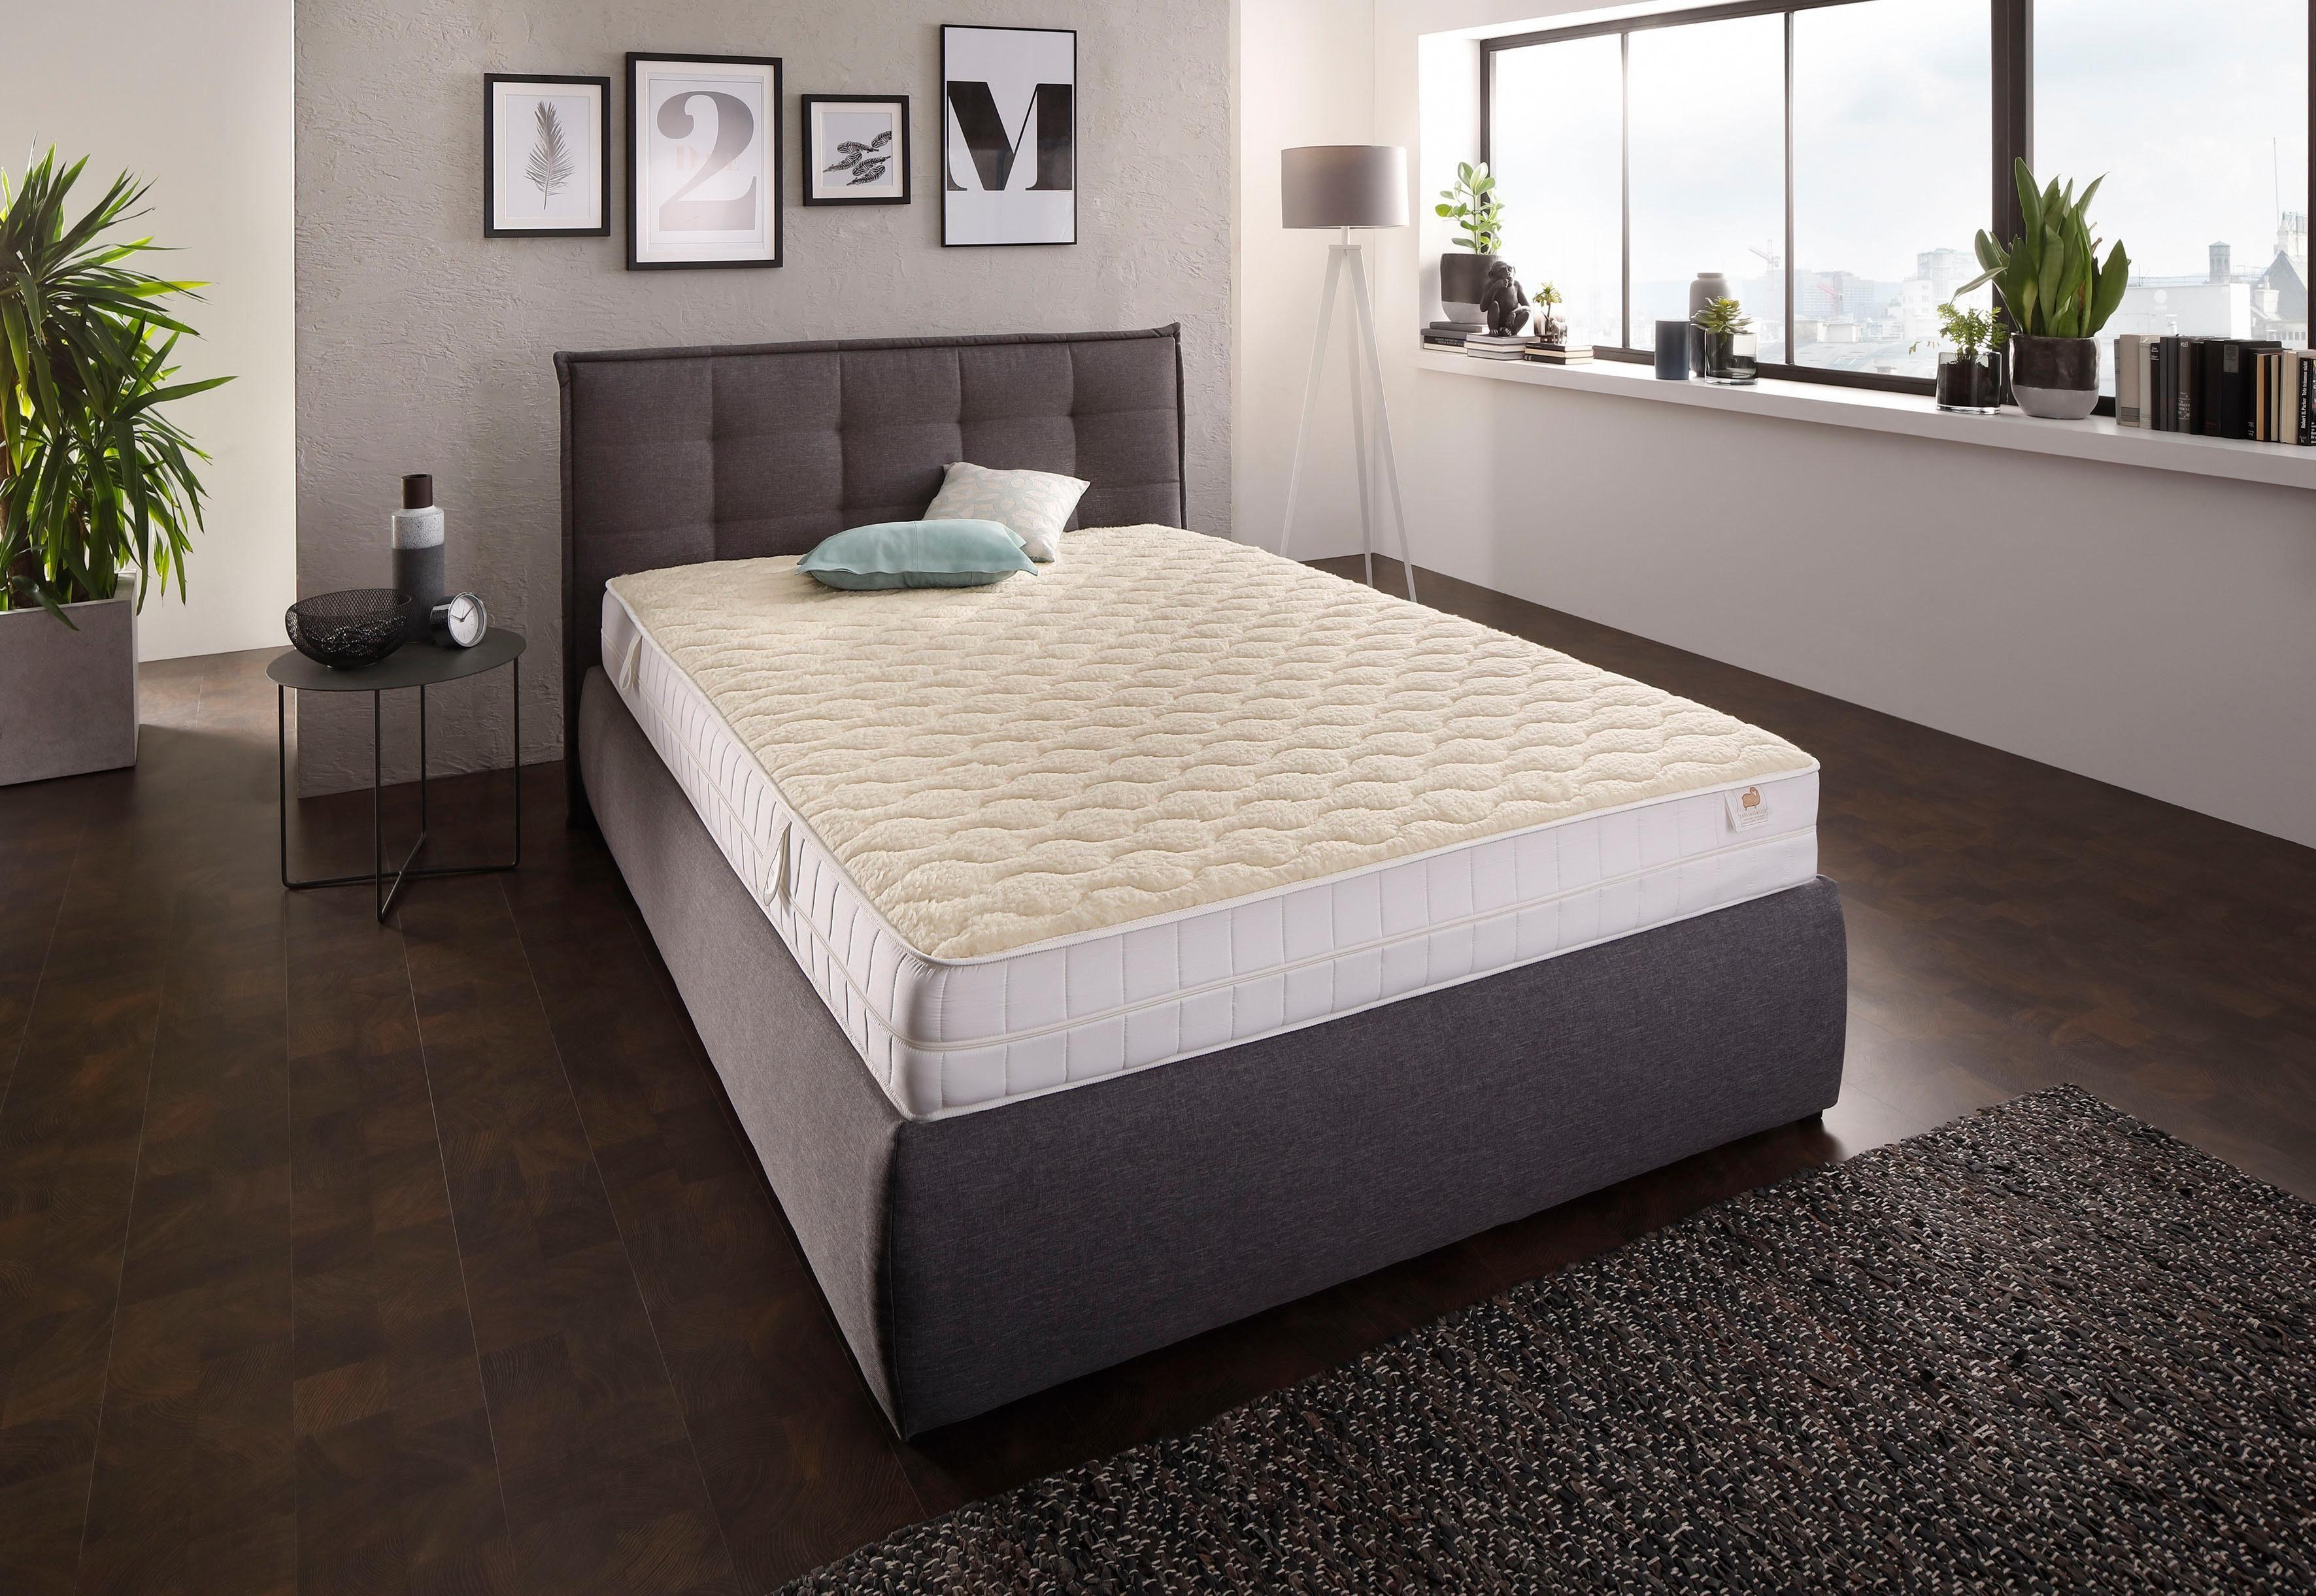 Komfortschaummatratze Merino Wollkomfort DI QUATTRO 20 cm hoch